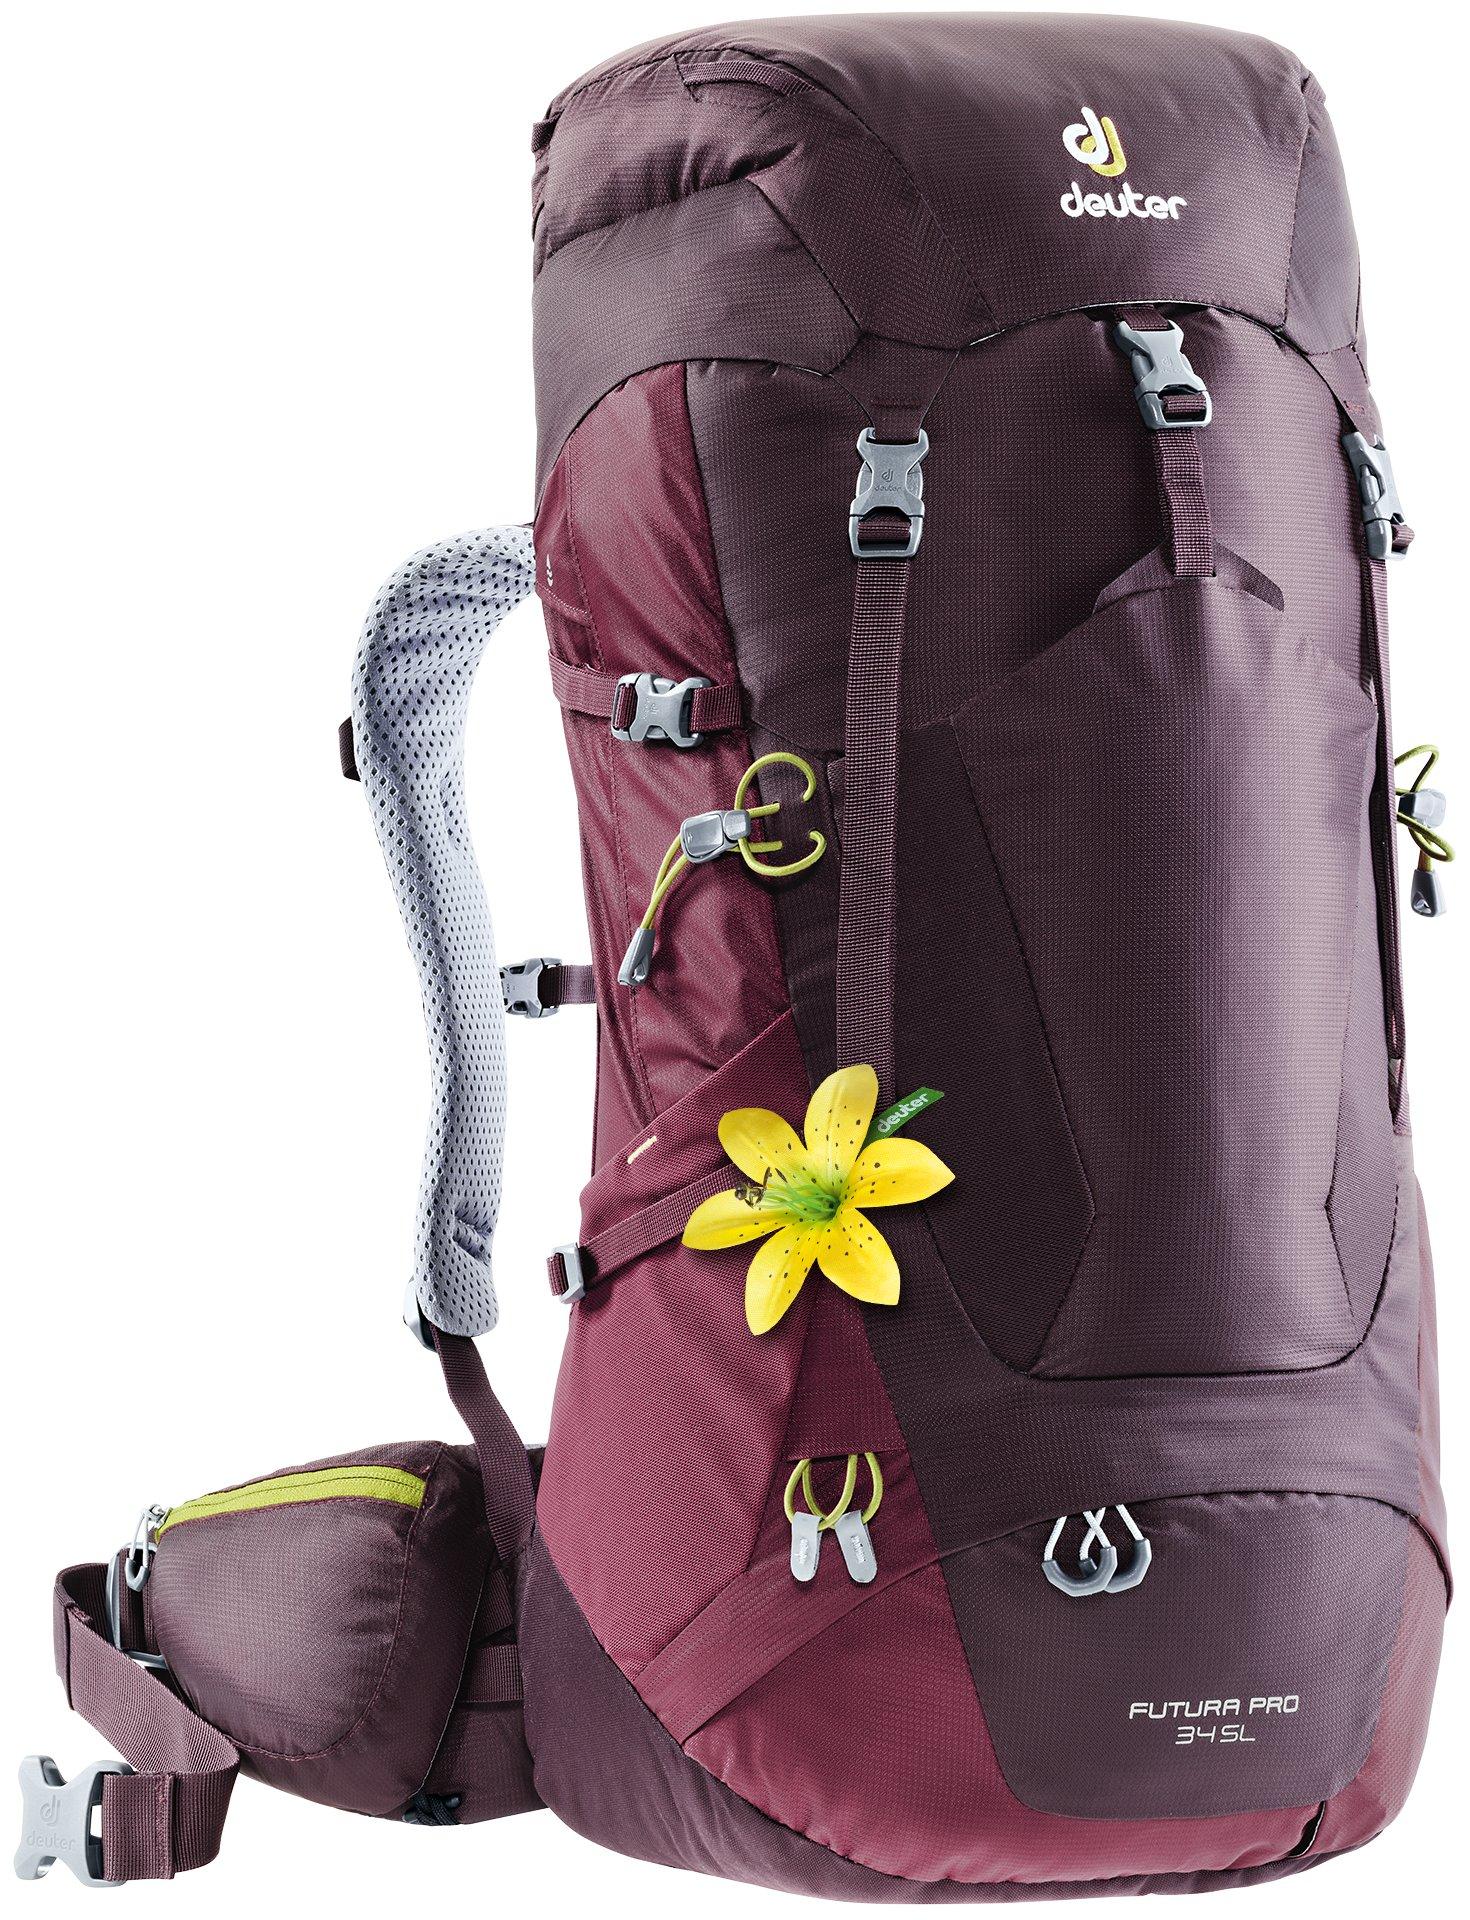 Deuter - Futura Pro 34 SL, Wanderrucksack für Frauen